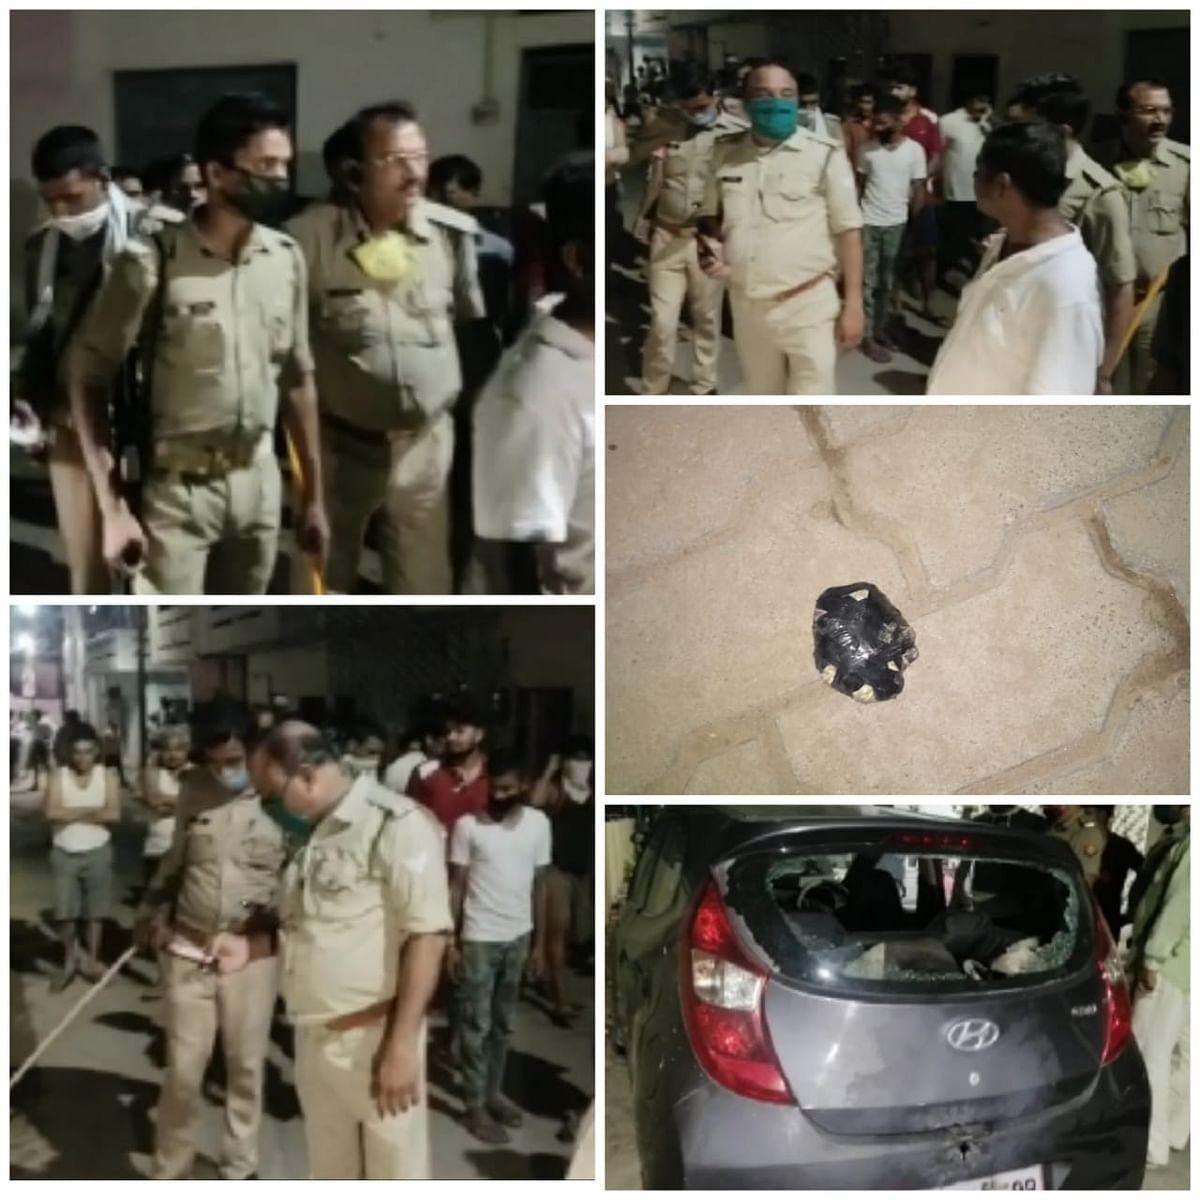 कानपुर : दहशत फैलाने के लिए अज्ञात बदमाशों ने कल्यानपुर इलाके की बमबाजी